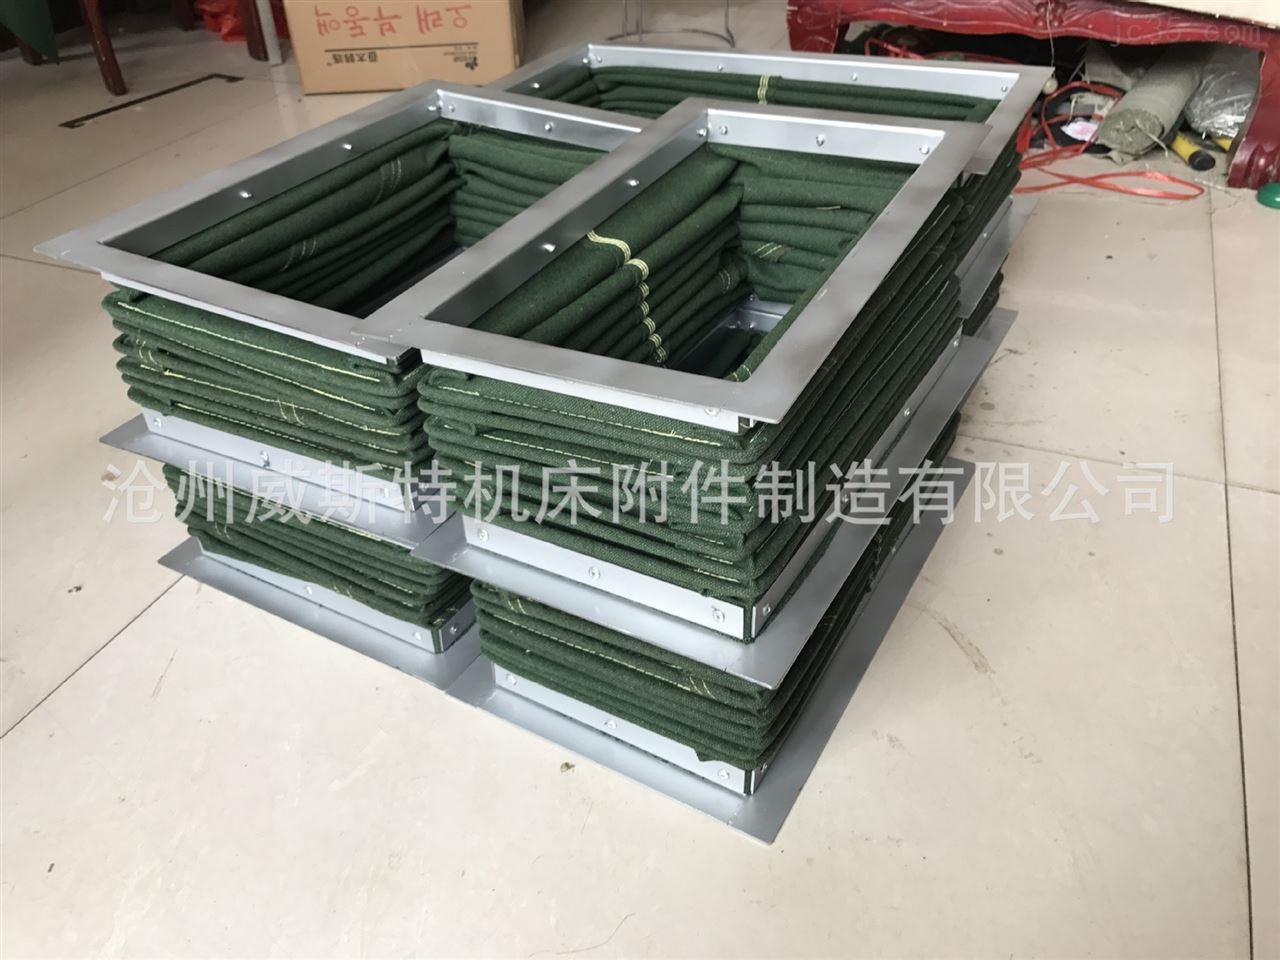 沧州威斯特厂家供应 印刷机帆布软连接